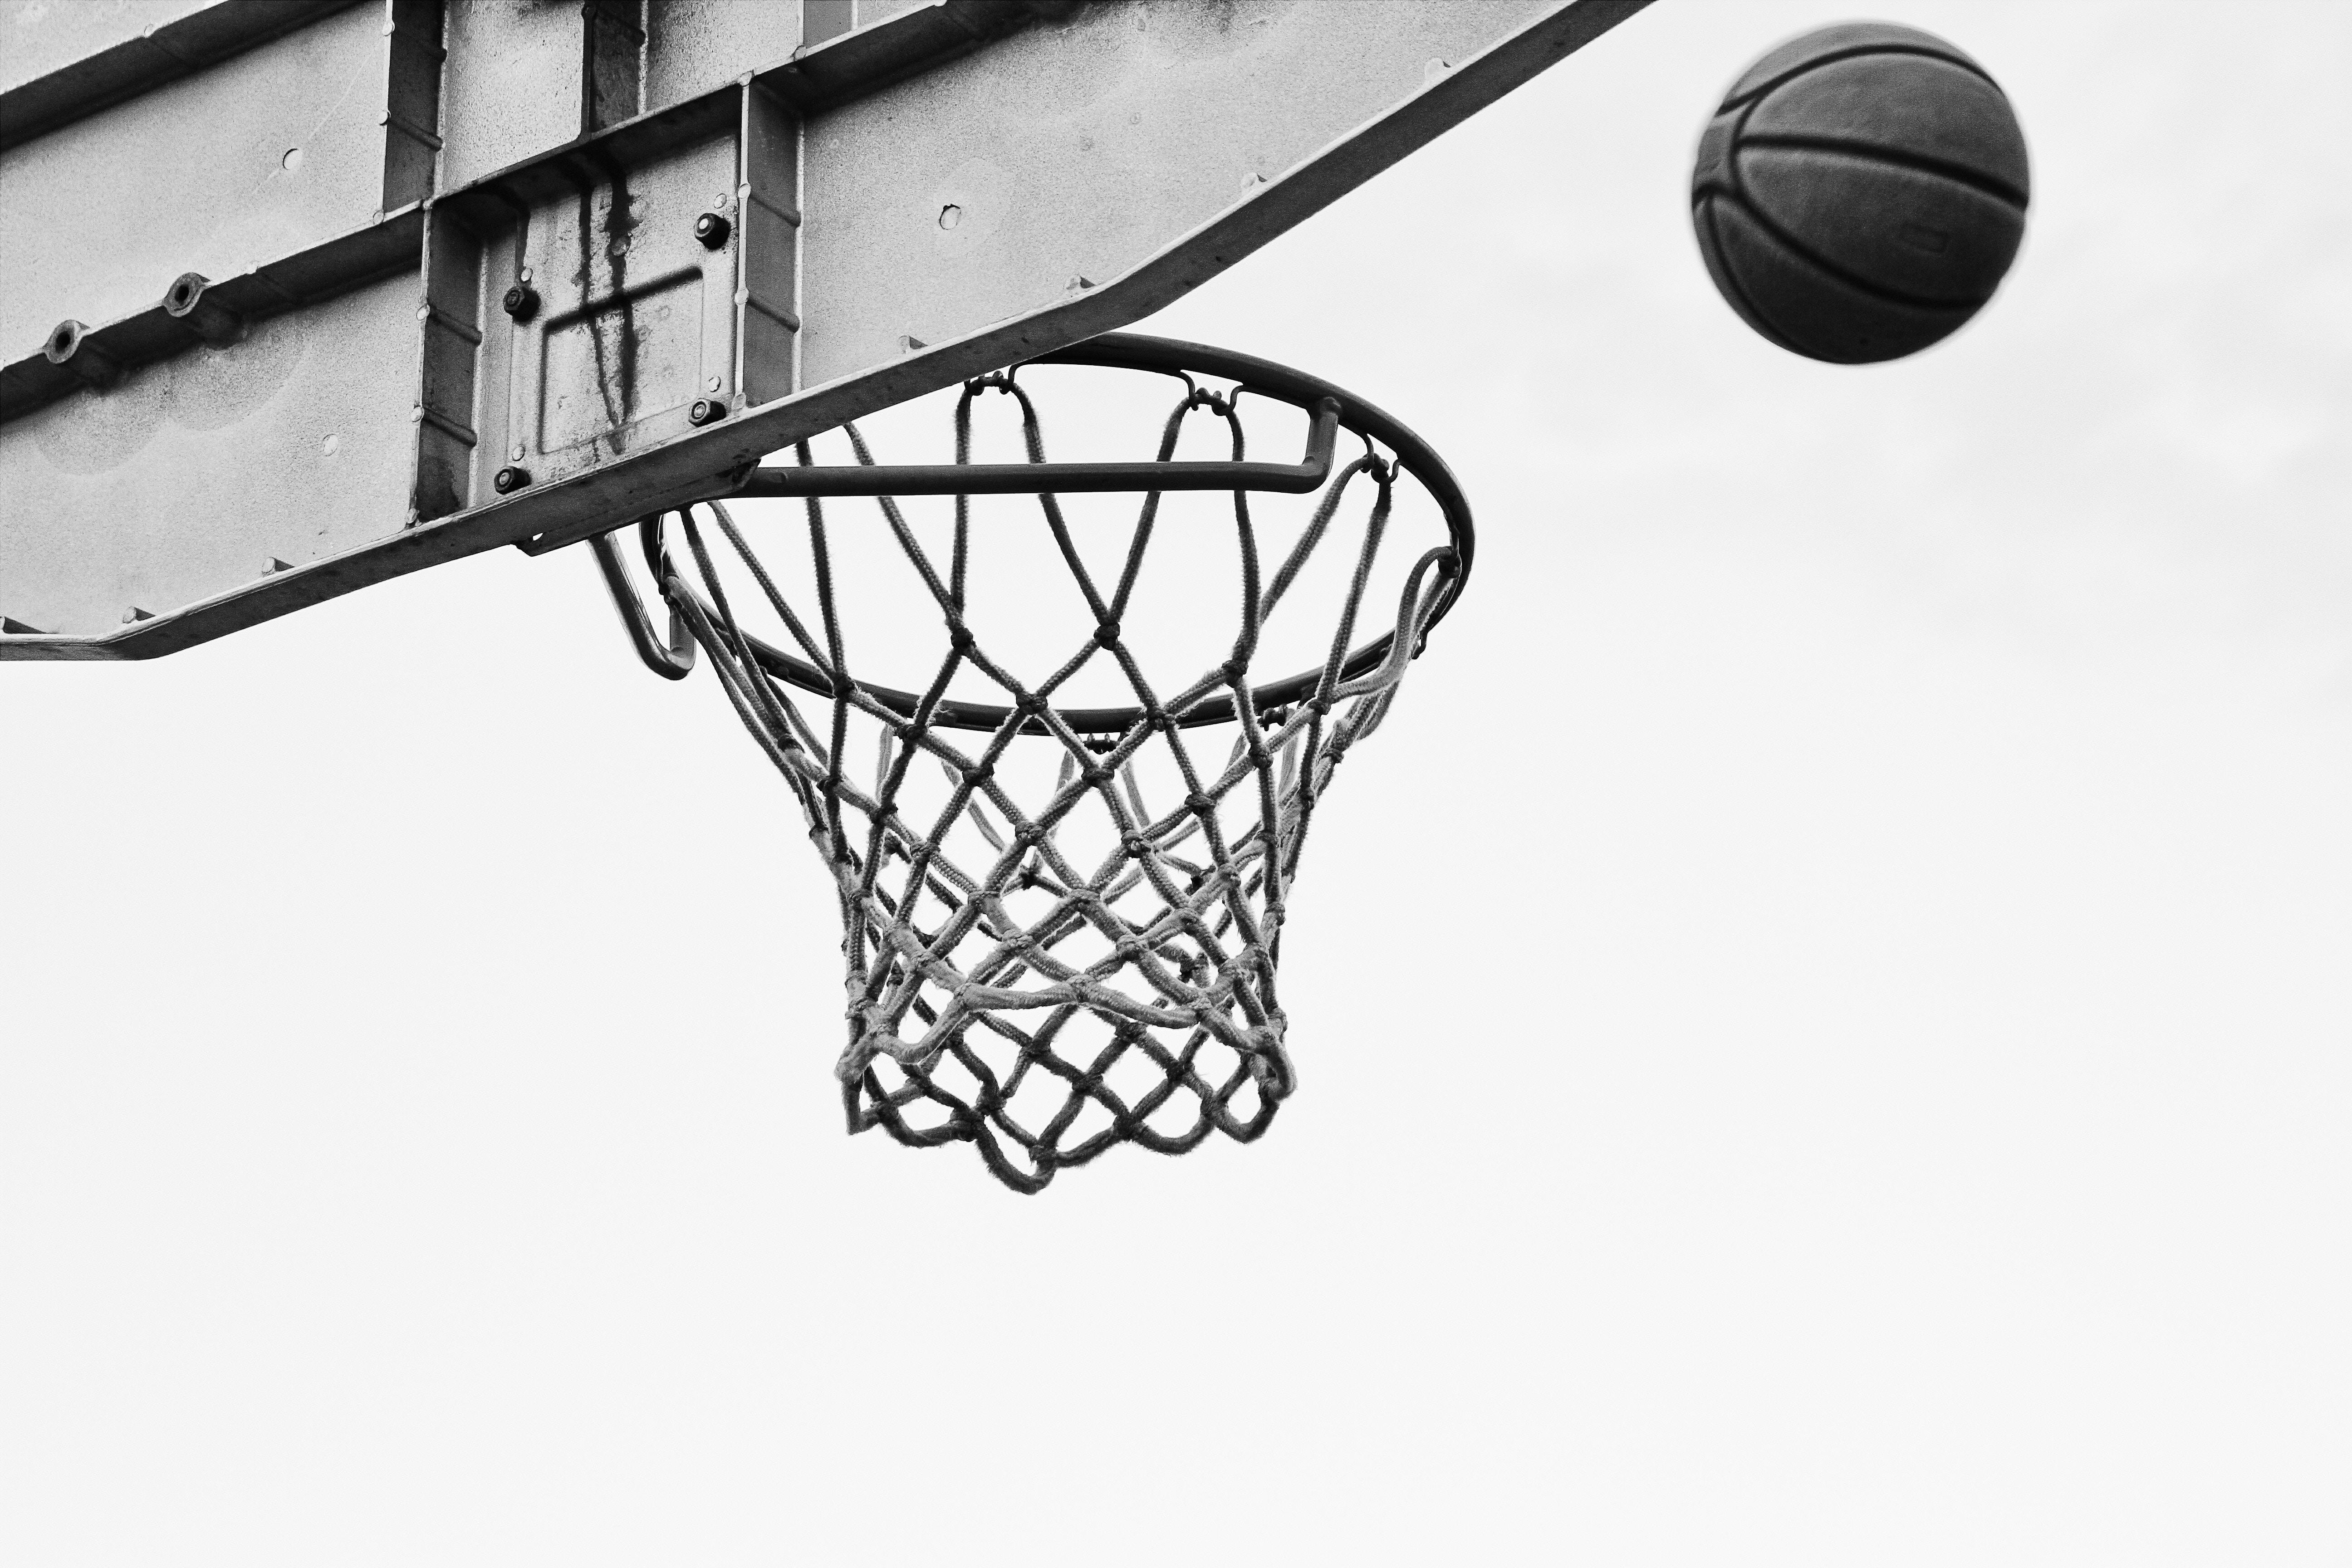 71303 скачать обои Спорт, Баскетбол, Сетка, Кольцо, Чб - заставки и картинки бесплатно